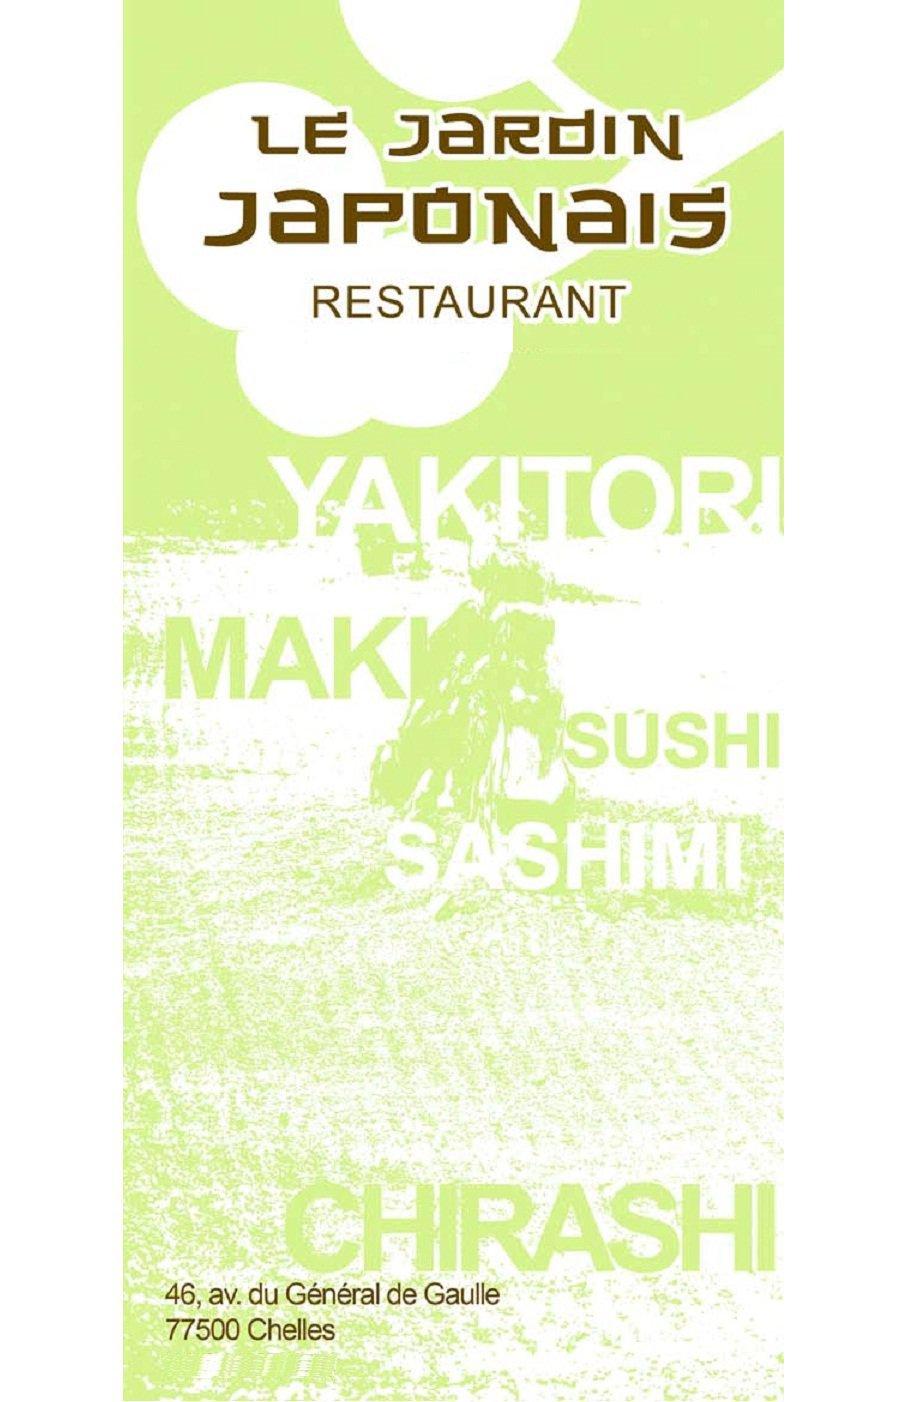 Le jardin japonais chelles carte et menu en ligne for Jardin lee menu